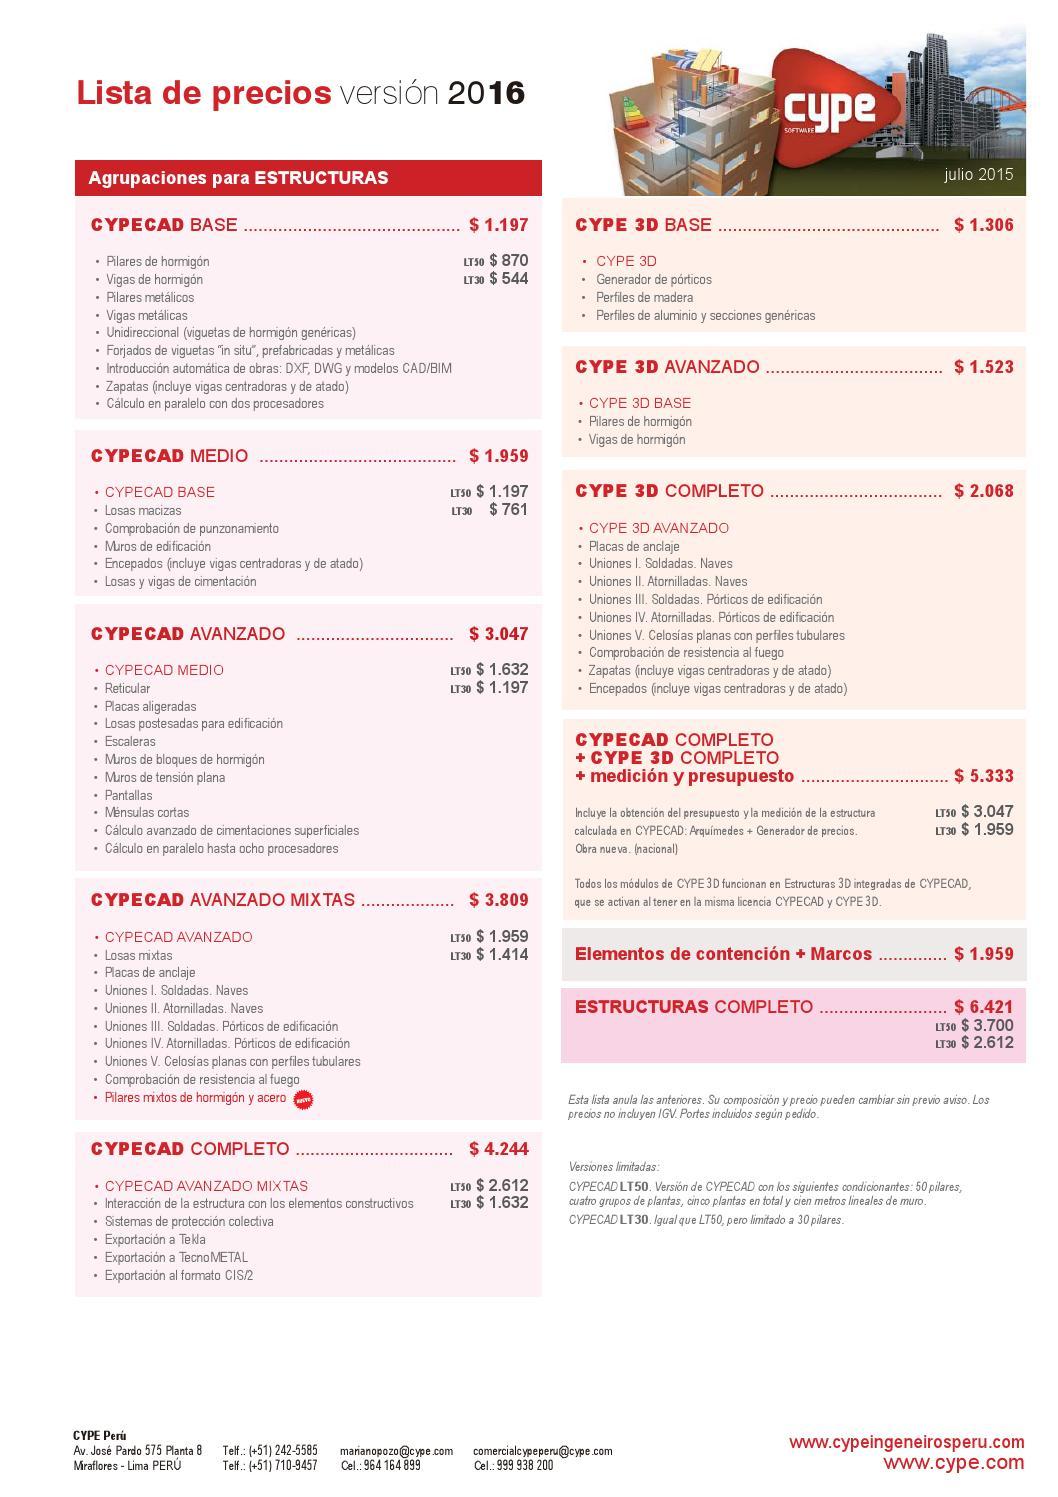 Lista De Precios Versi N 2016 De Cype By Jose Casanova Issuu